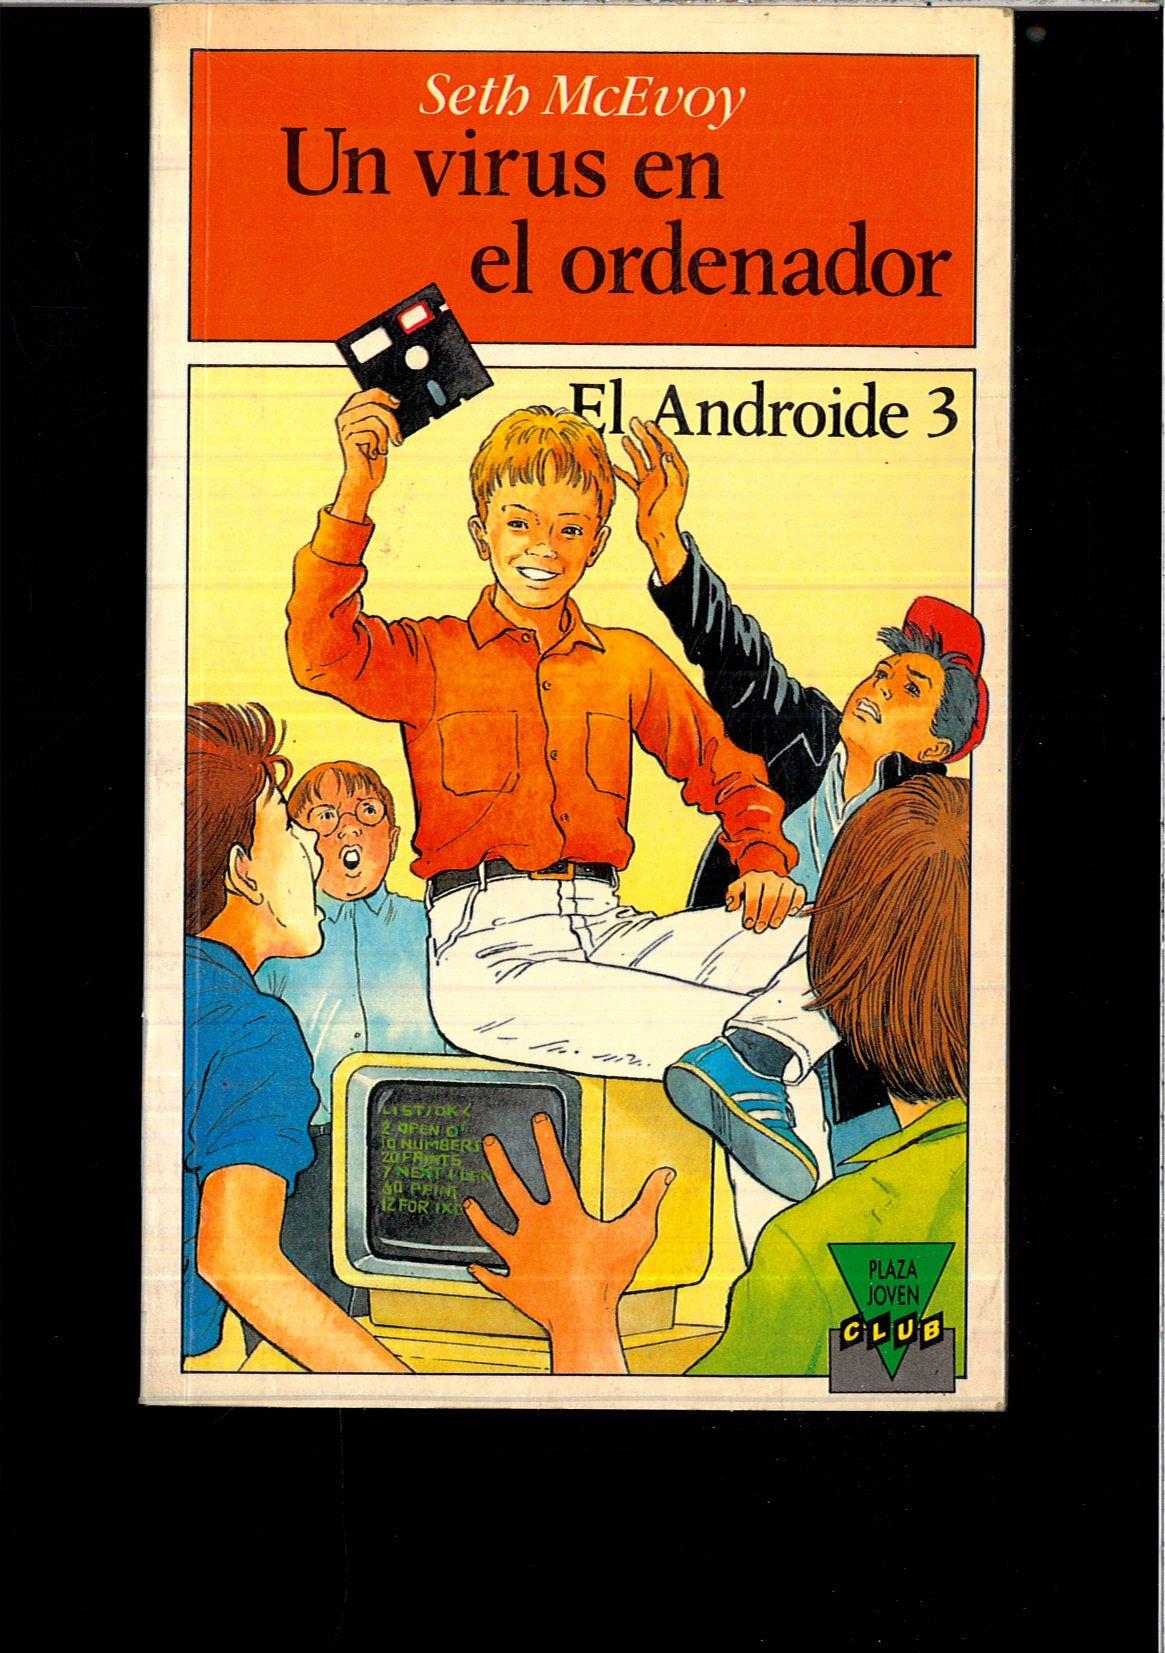 Un virus en el ordenador: Amazon.es: SETH McEVOY: Libros